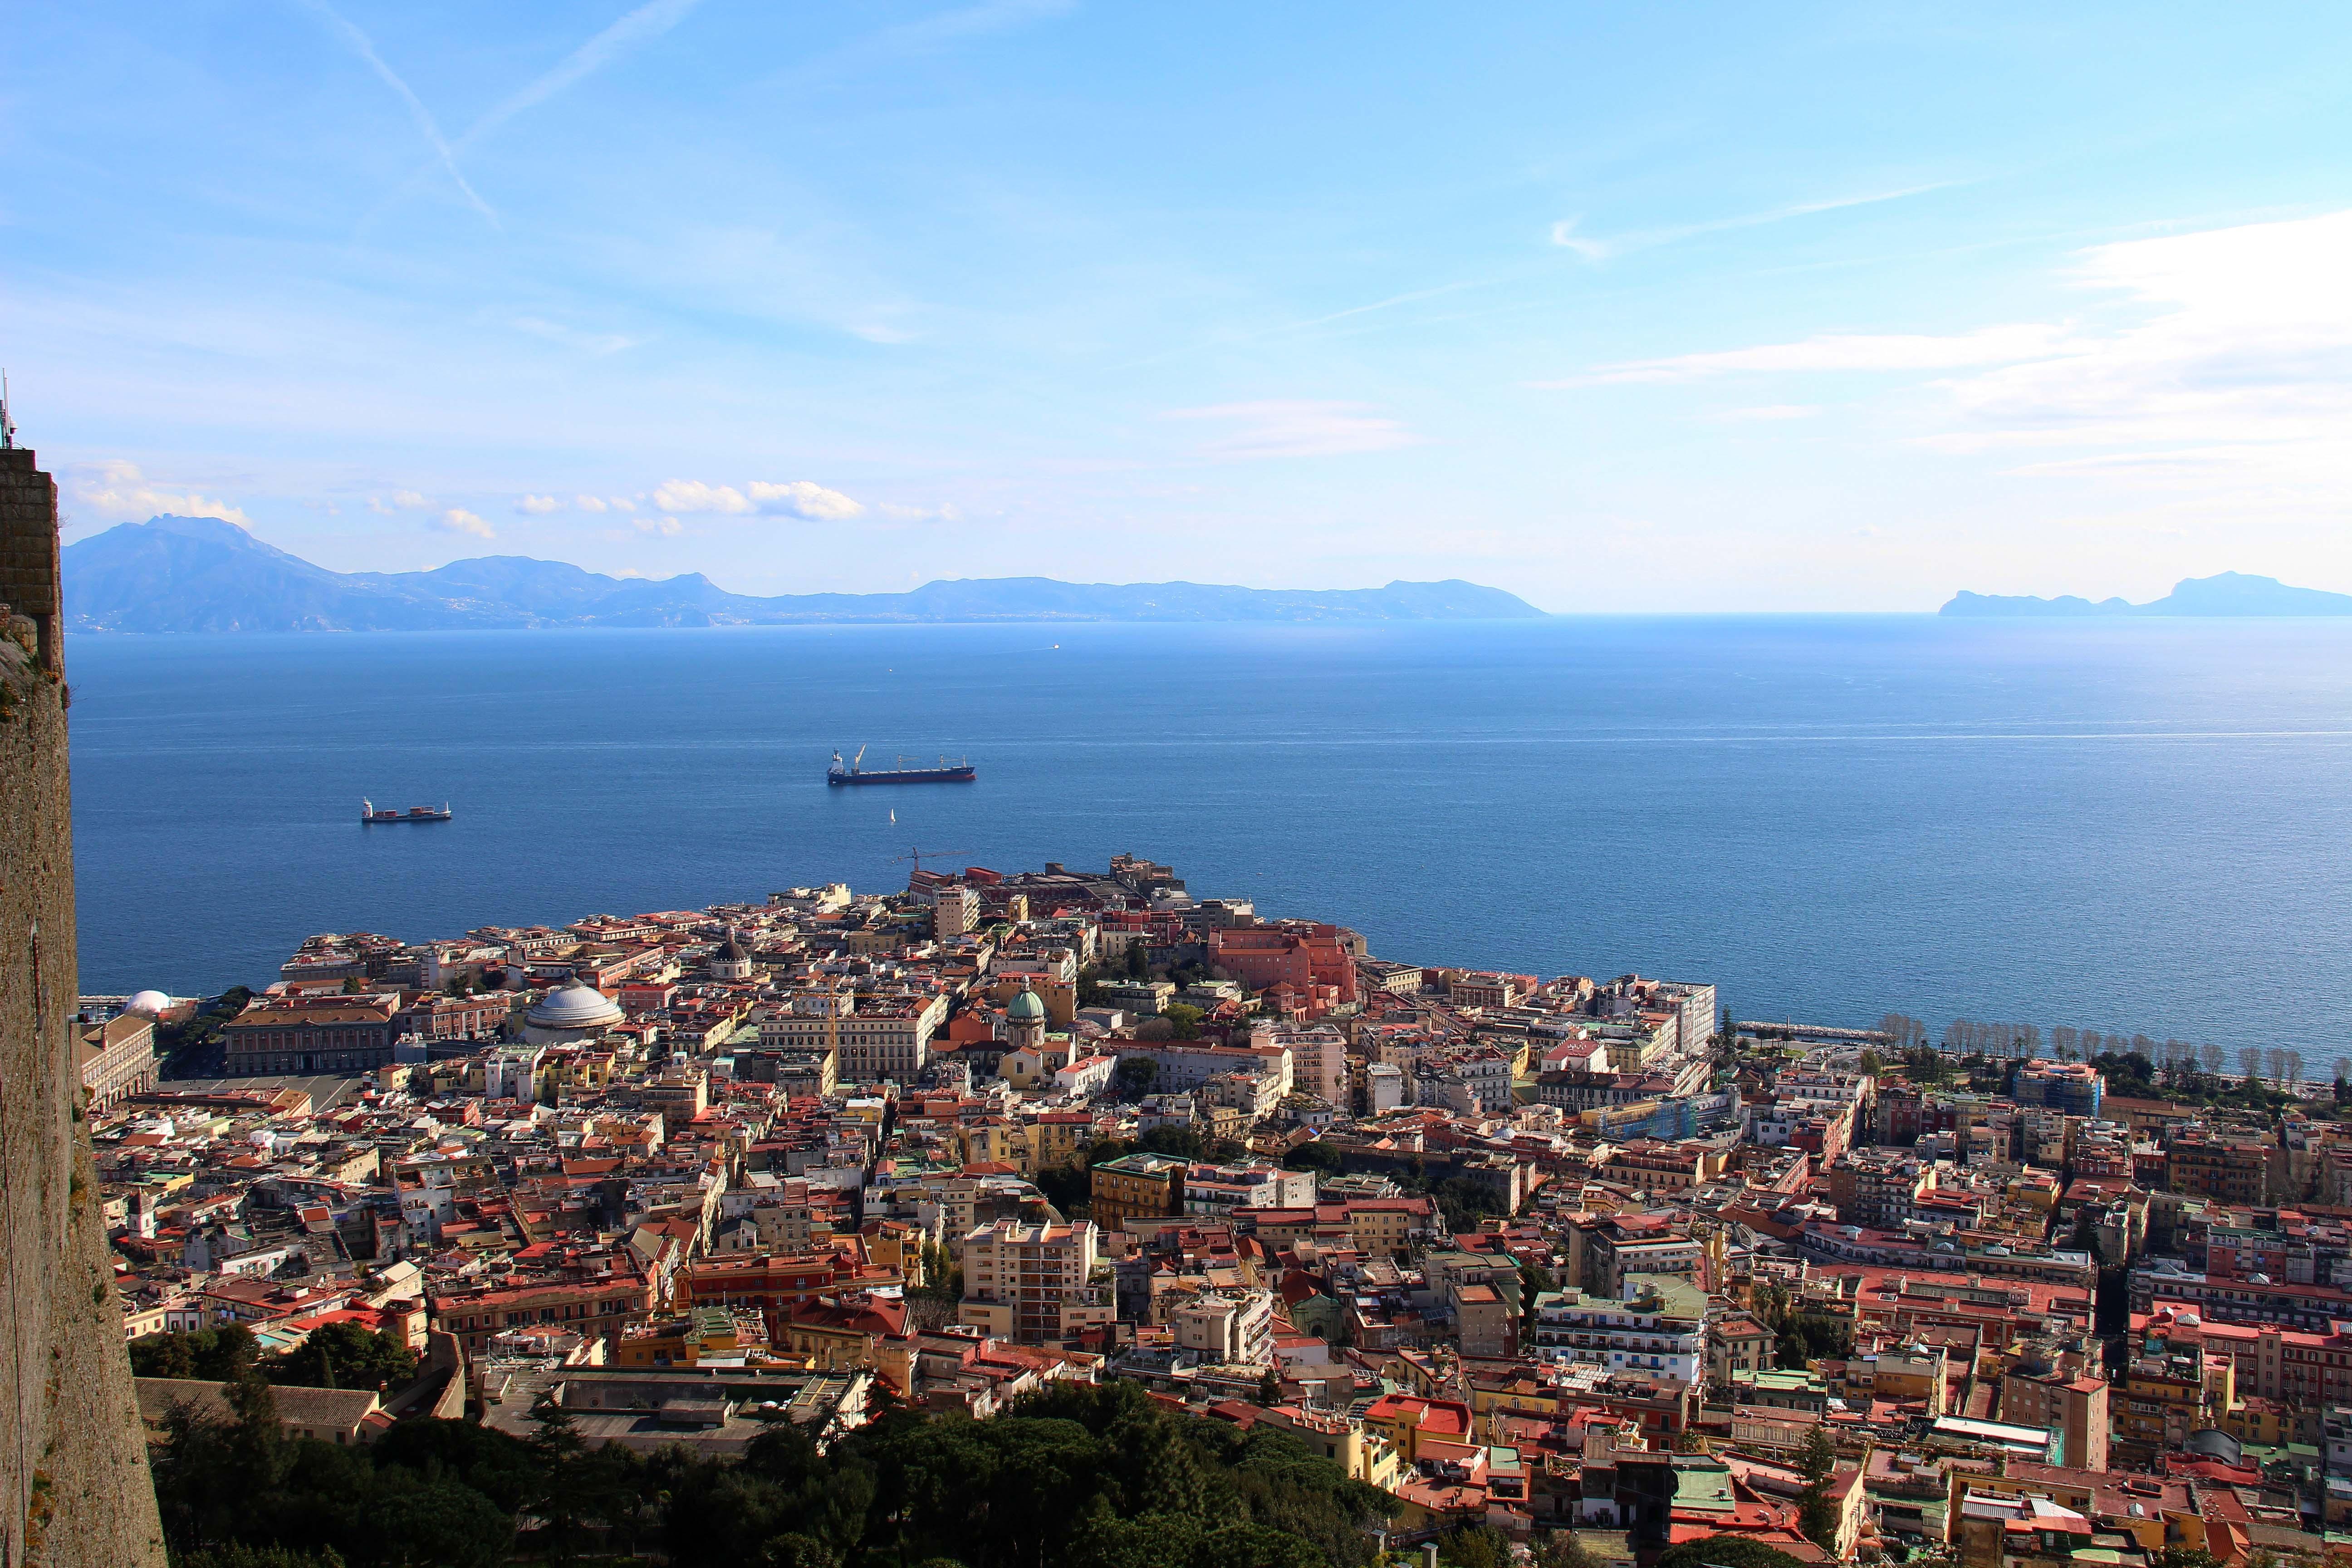 Naples epuis le château Sant'Elmo